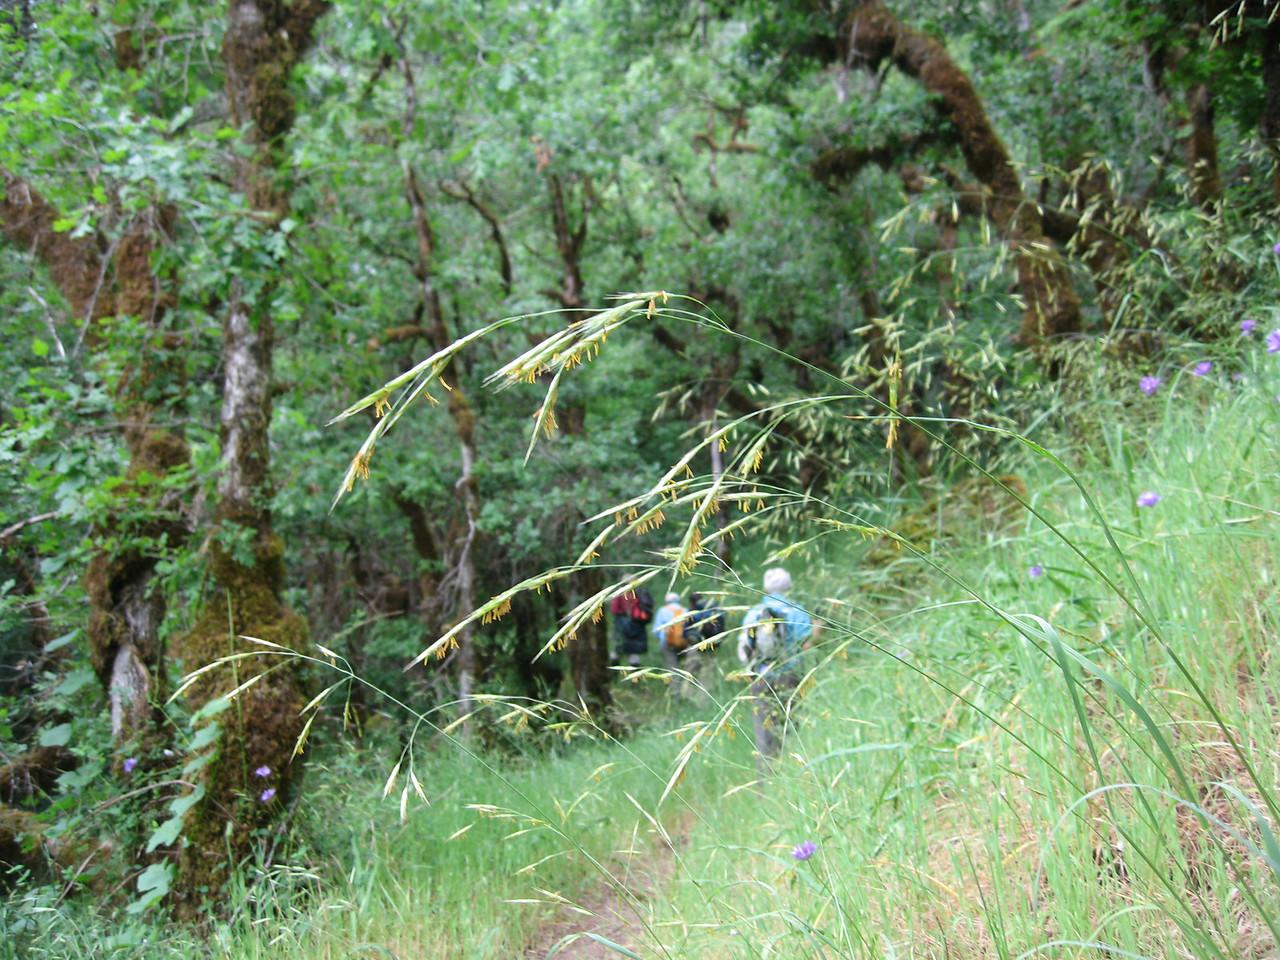 Rogue River Panoramabob 102